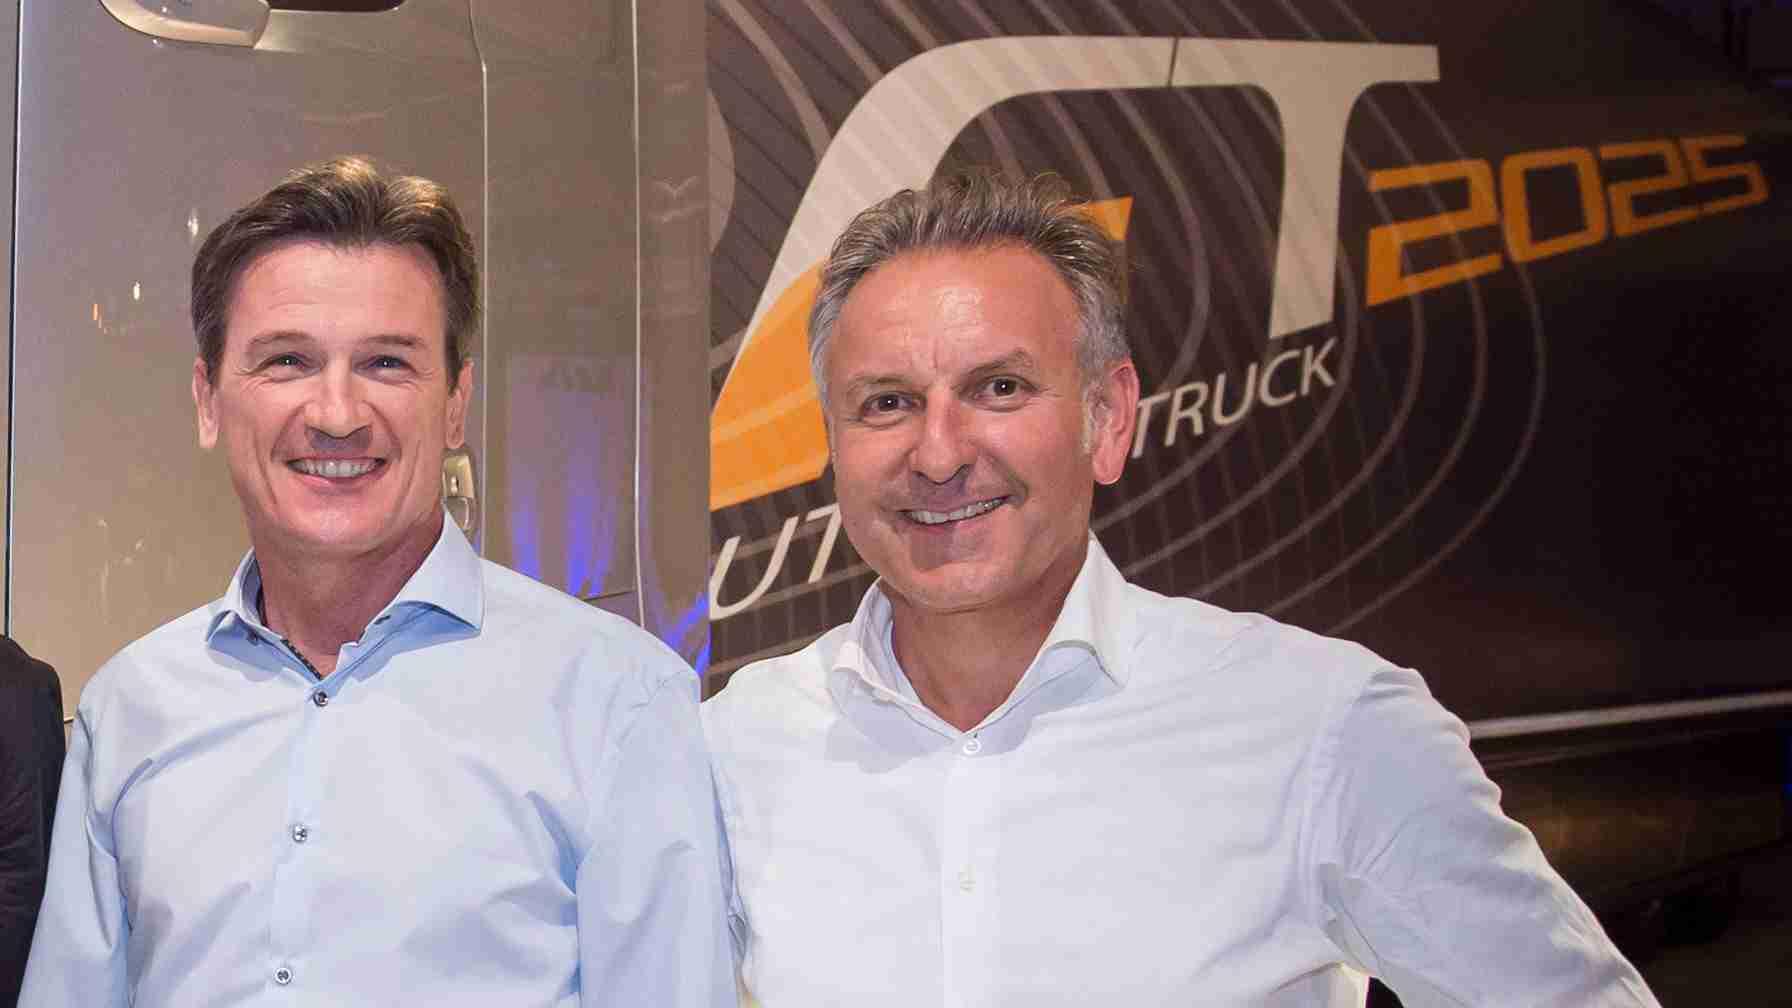 Wolfgang Bernhard (l.) und Stefan Buchner vor dem Future Truck.